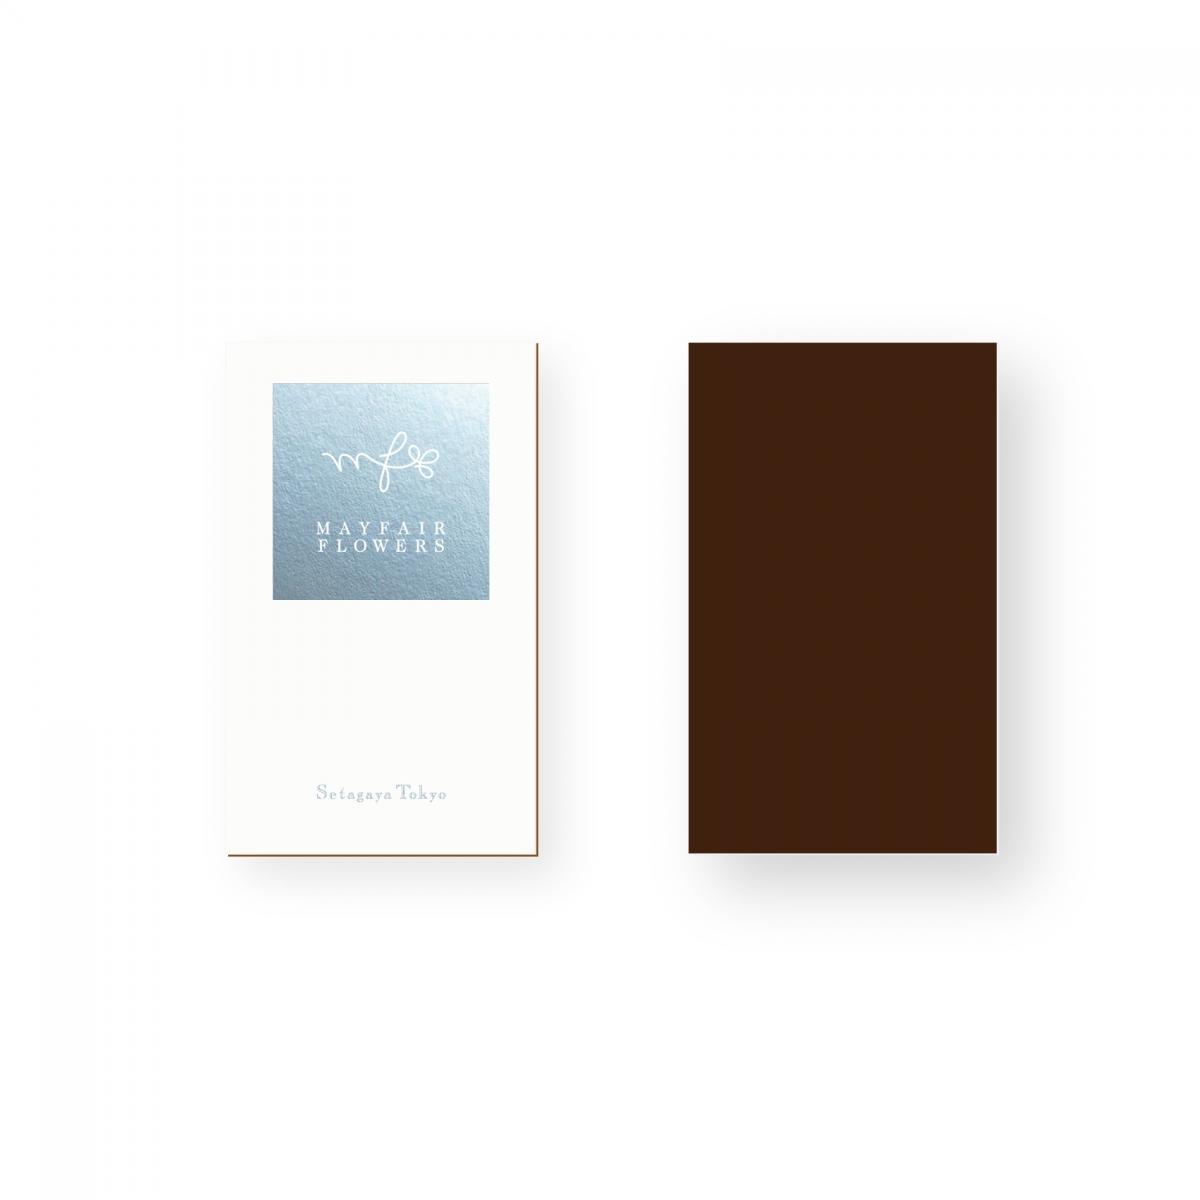 メイフェア・フラワーズ 合紙カード 銀箔押し プリントデザイン グラフィックデザイン